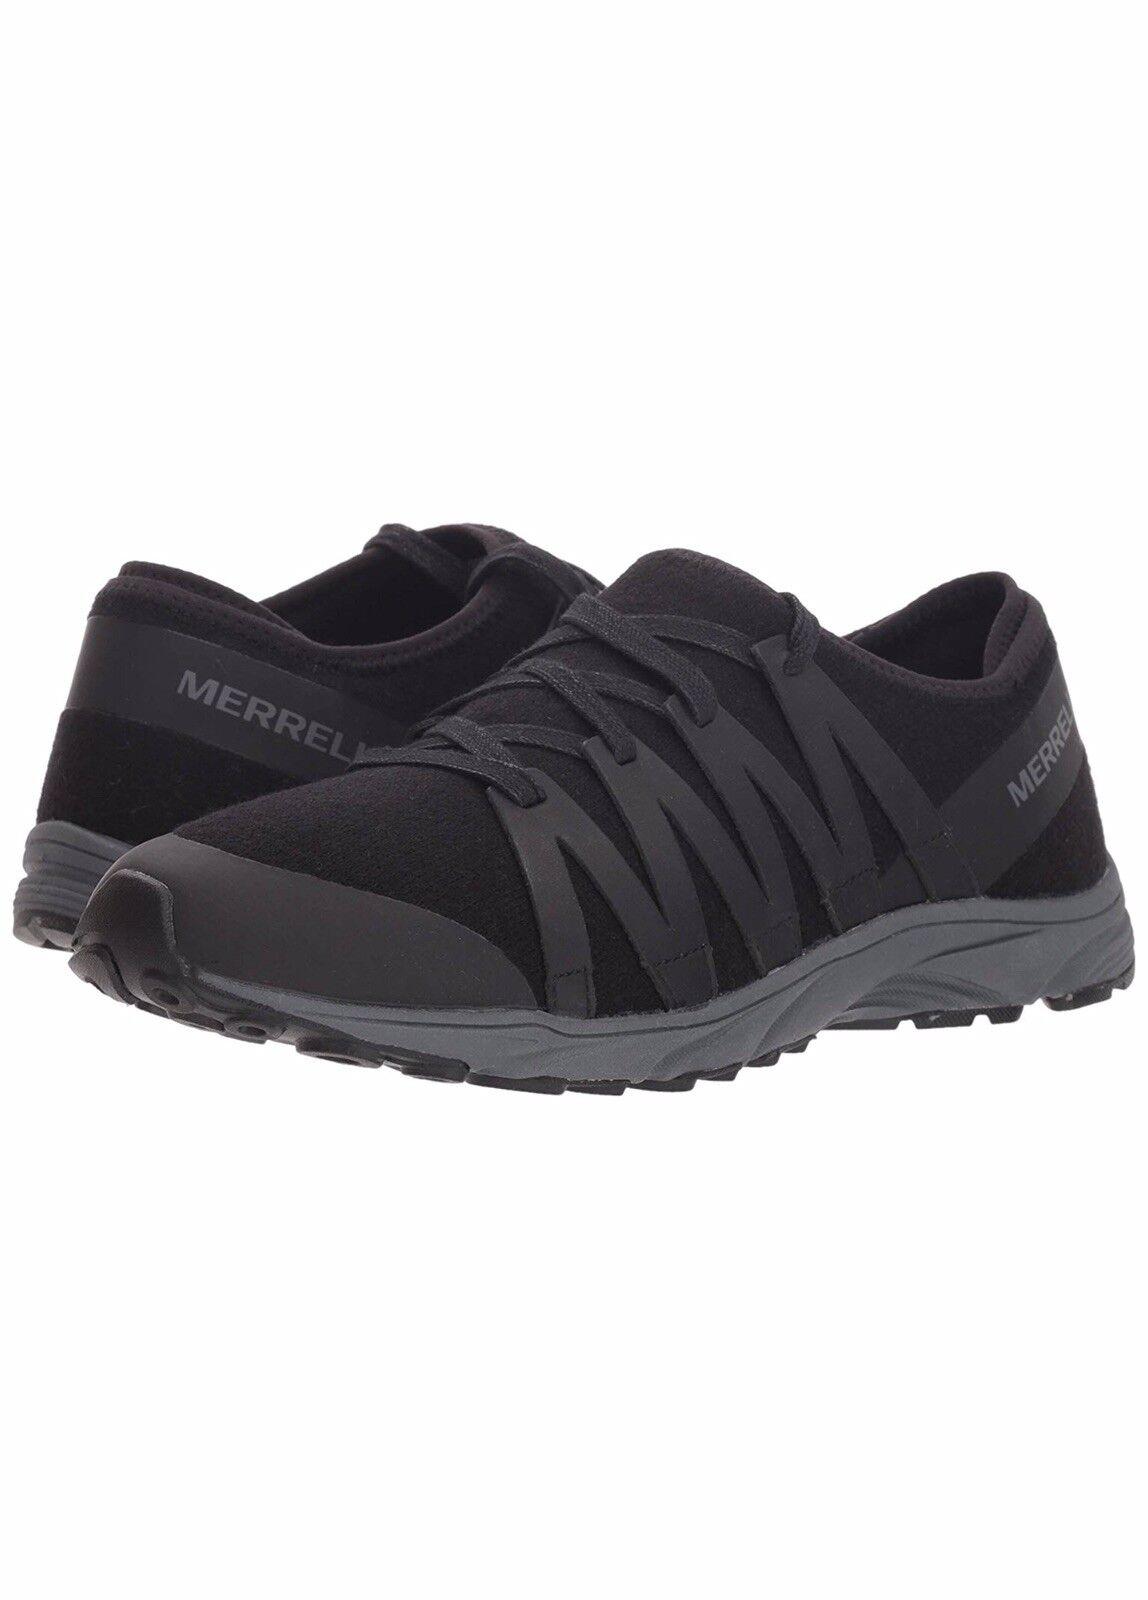 e8c38e434c7 MERRELL Women's Riveter Wool Sneaker, Black US US US Size 10.5 ...